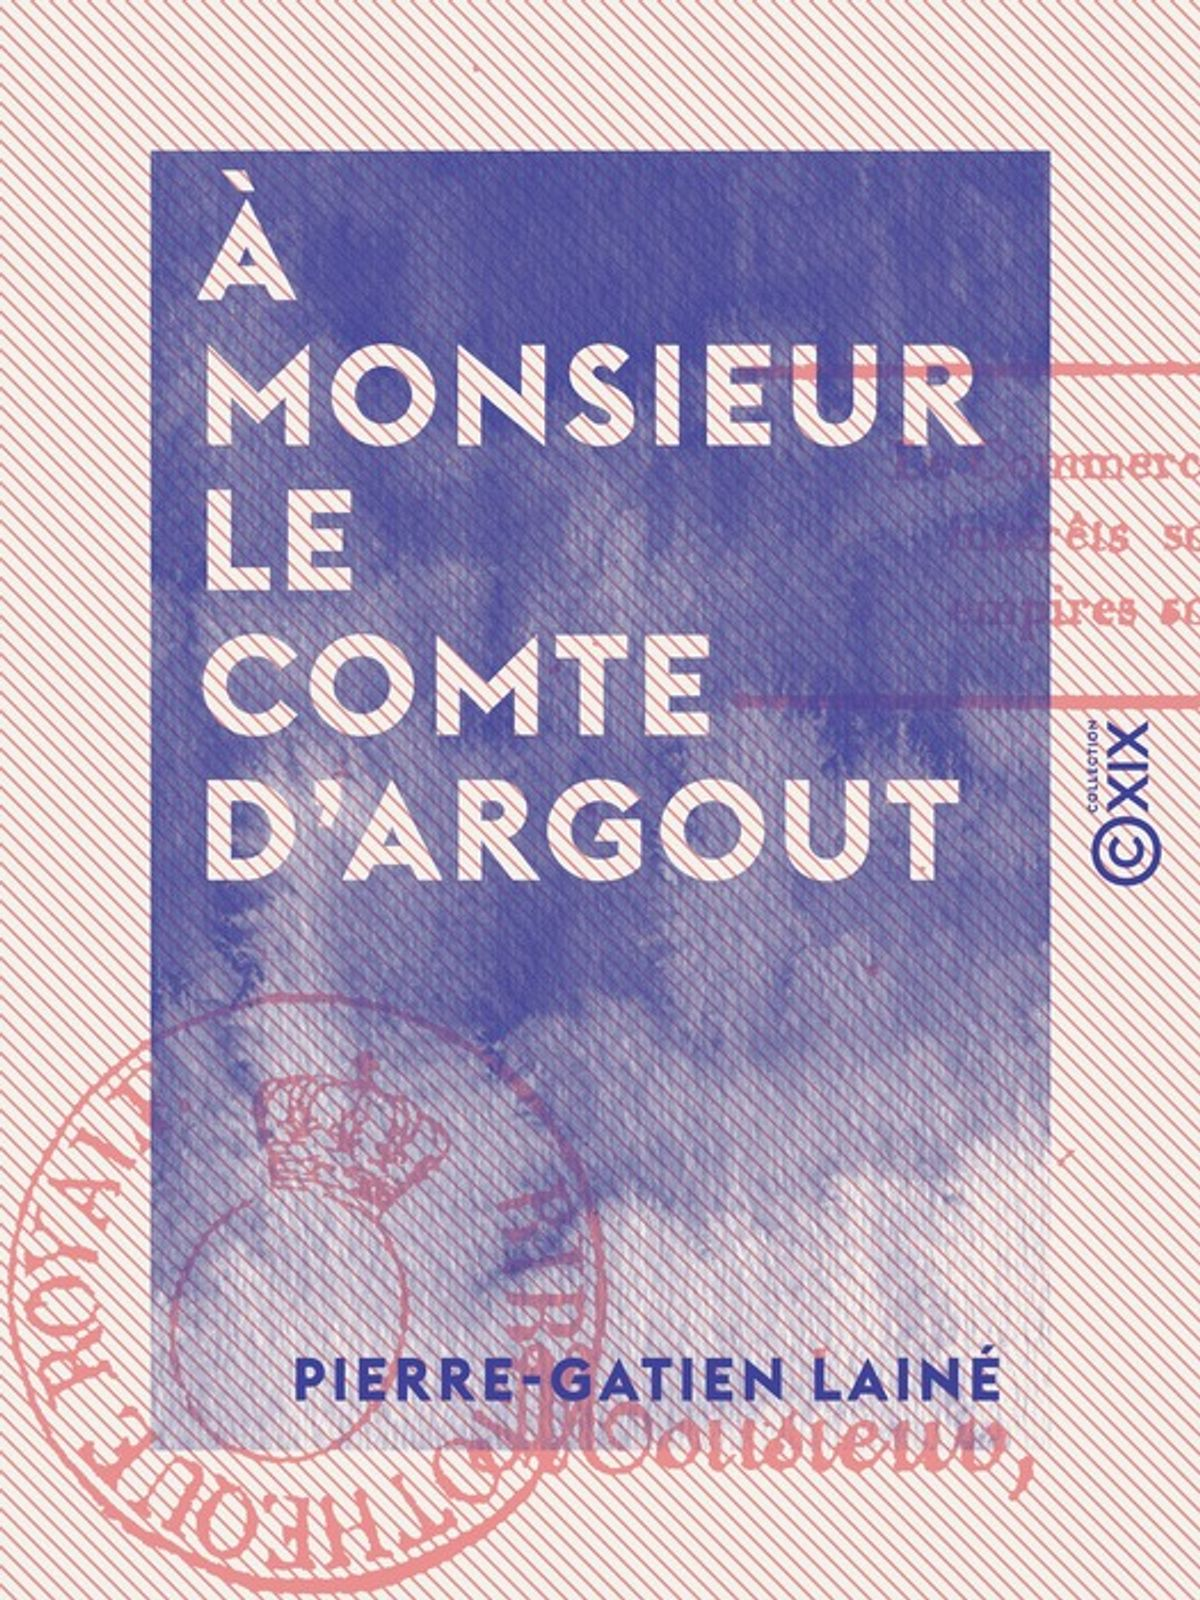 À monsieur le comte d'Argout - Pair de France, ministre du commerce et des travaux publics ebook by Pierre-Gatien Lainé - Rakuten Kobo